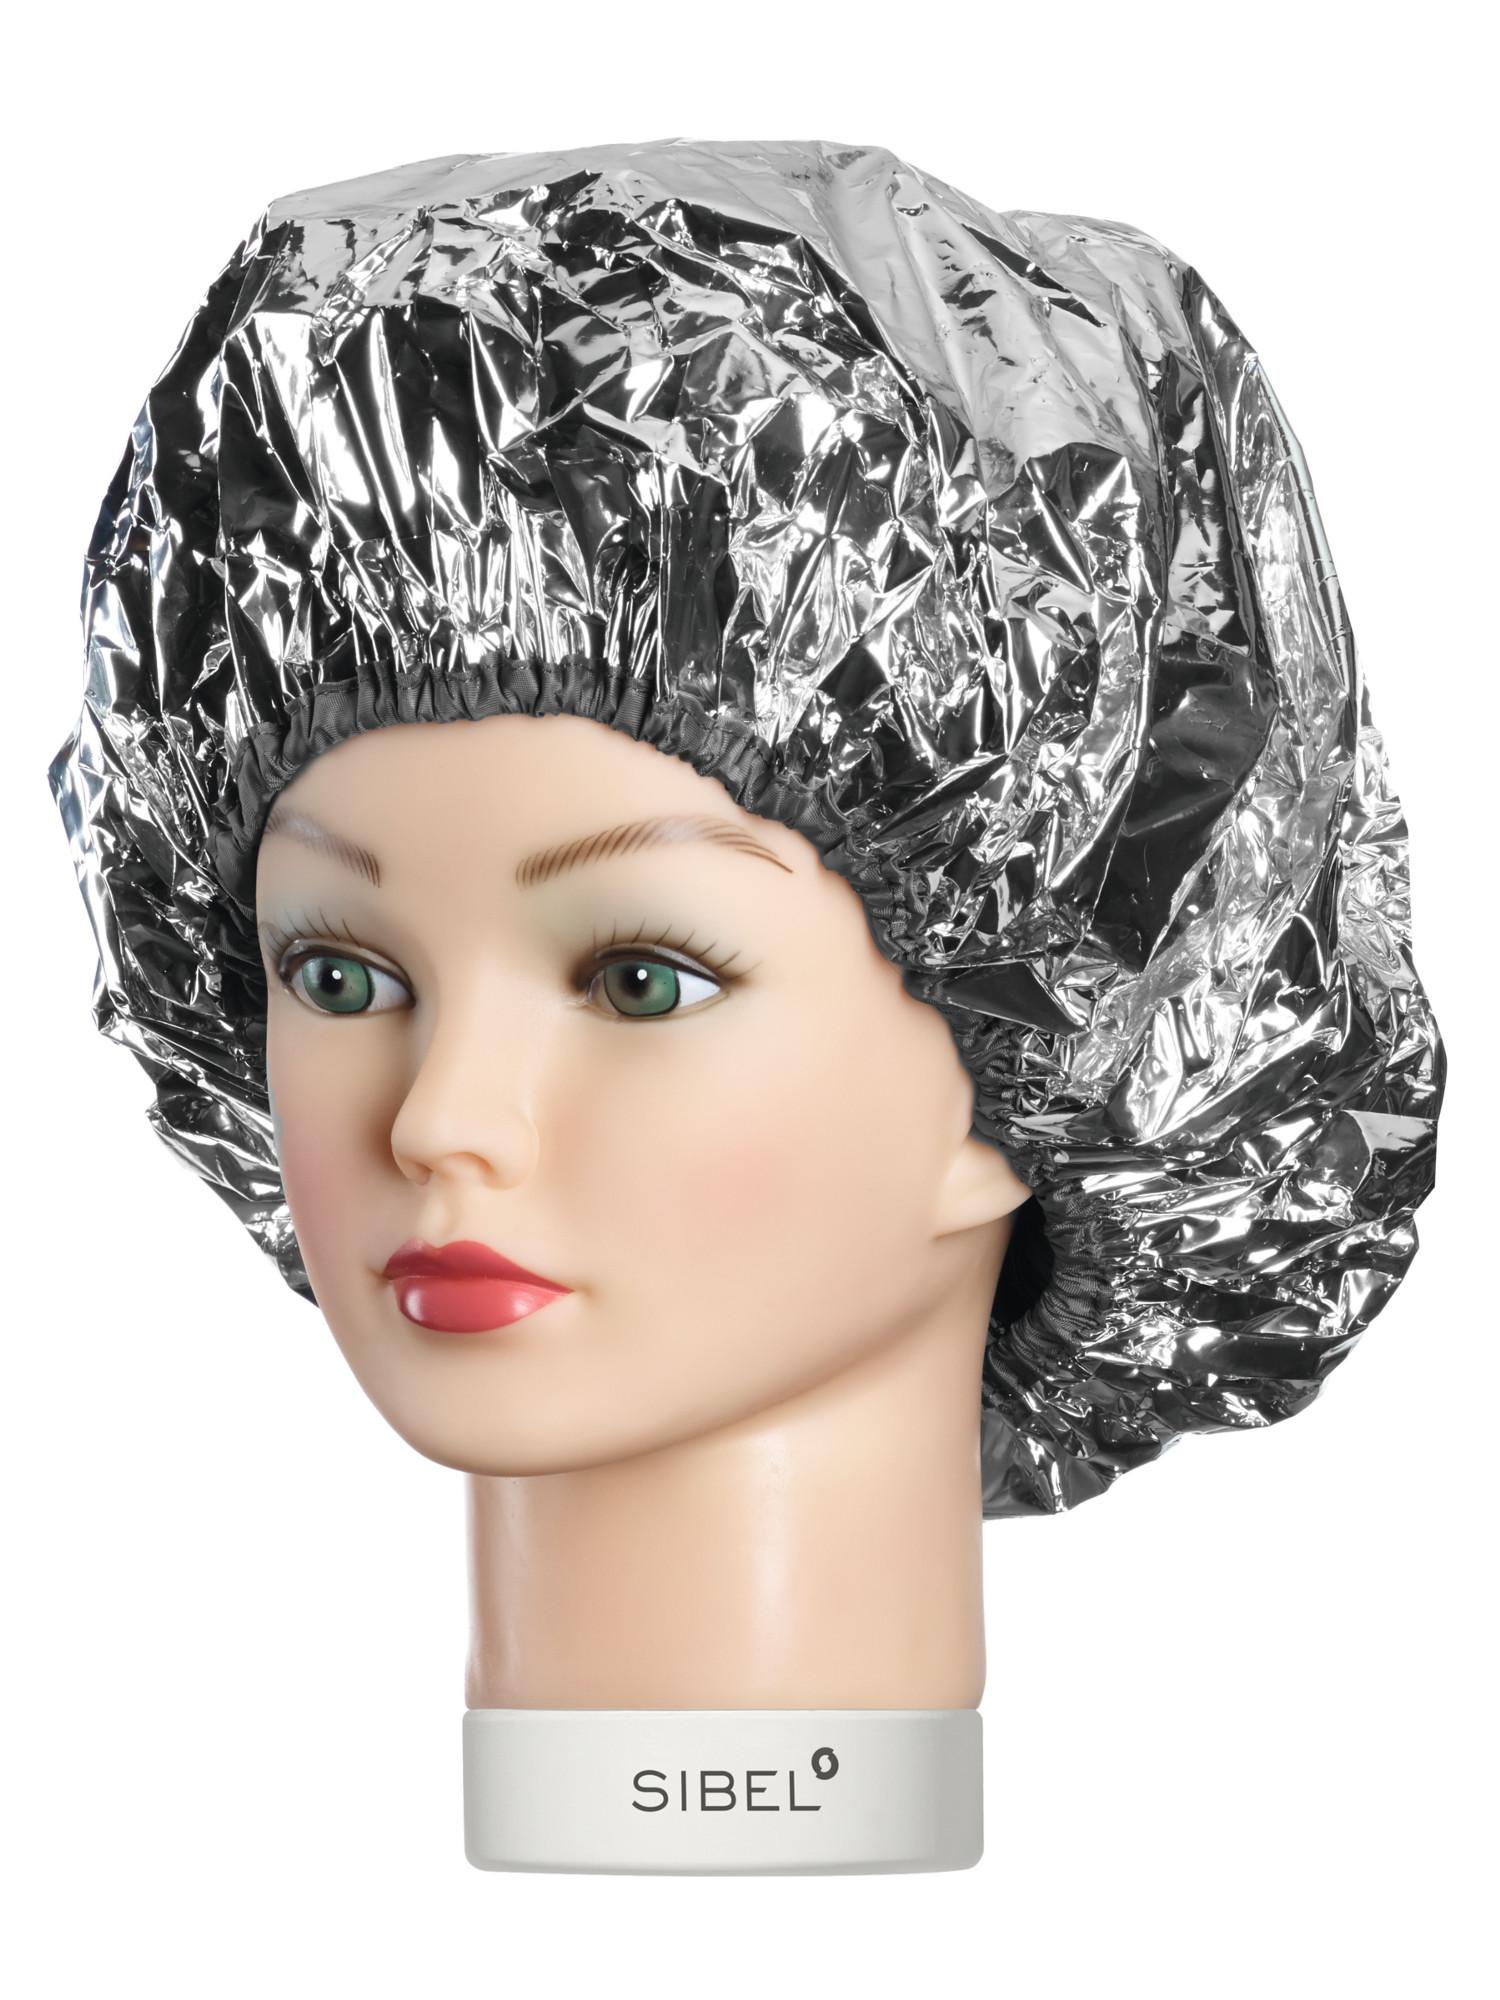 Jednorázová samozahřívací čepice - stříbrná (4410400) - Sibel